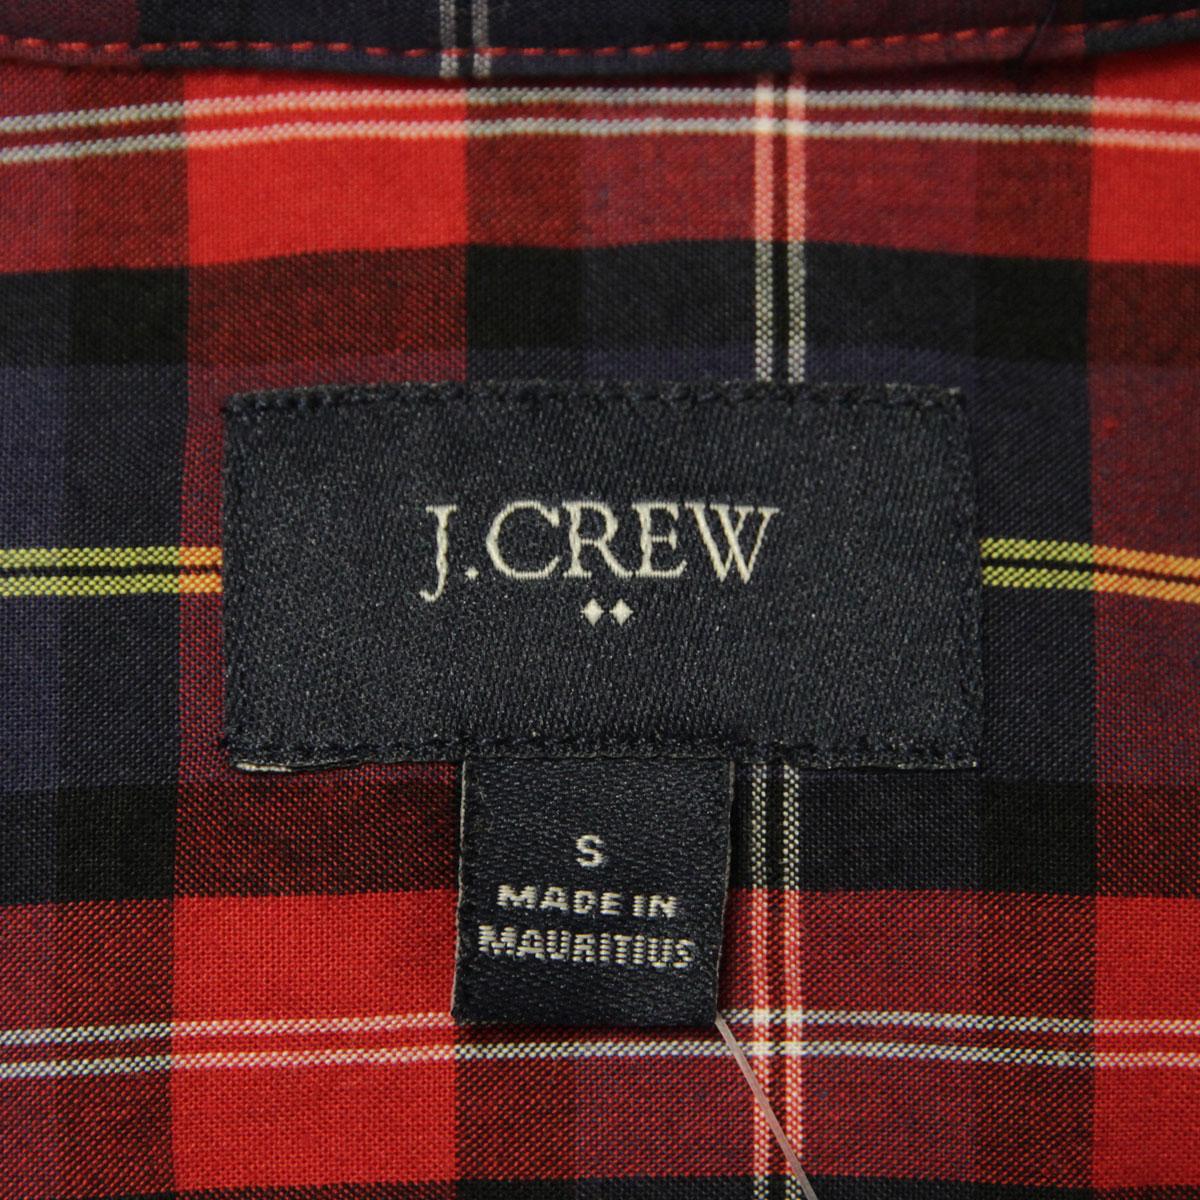 ジェイクルー J.CREW 正規品 メンズ 長袖シャツ WASHED SHIRT IN MEDIUM PLAID 44726